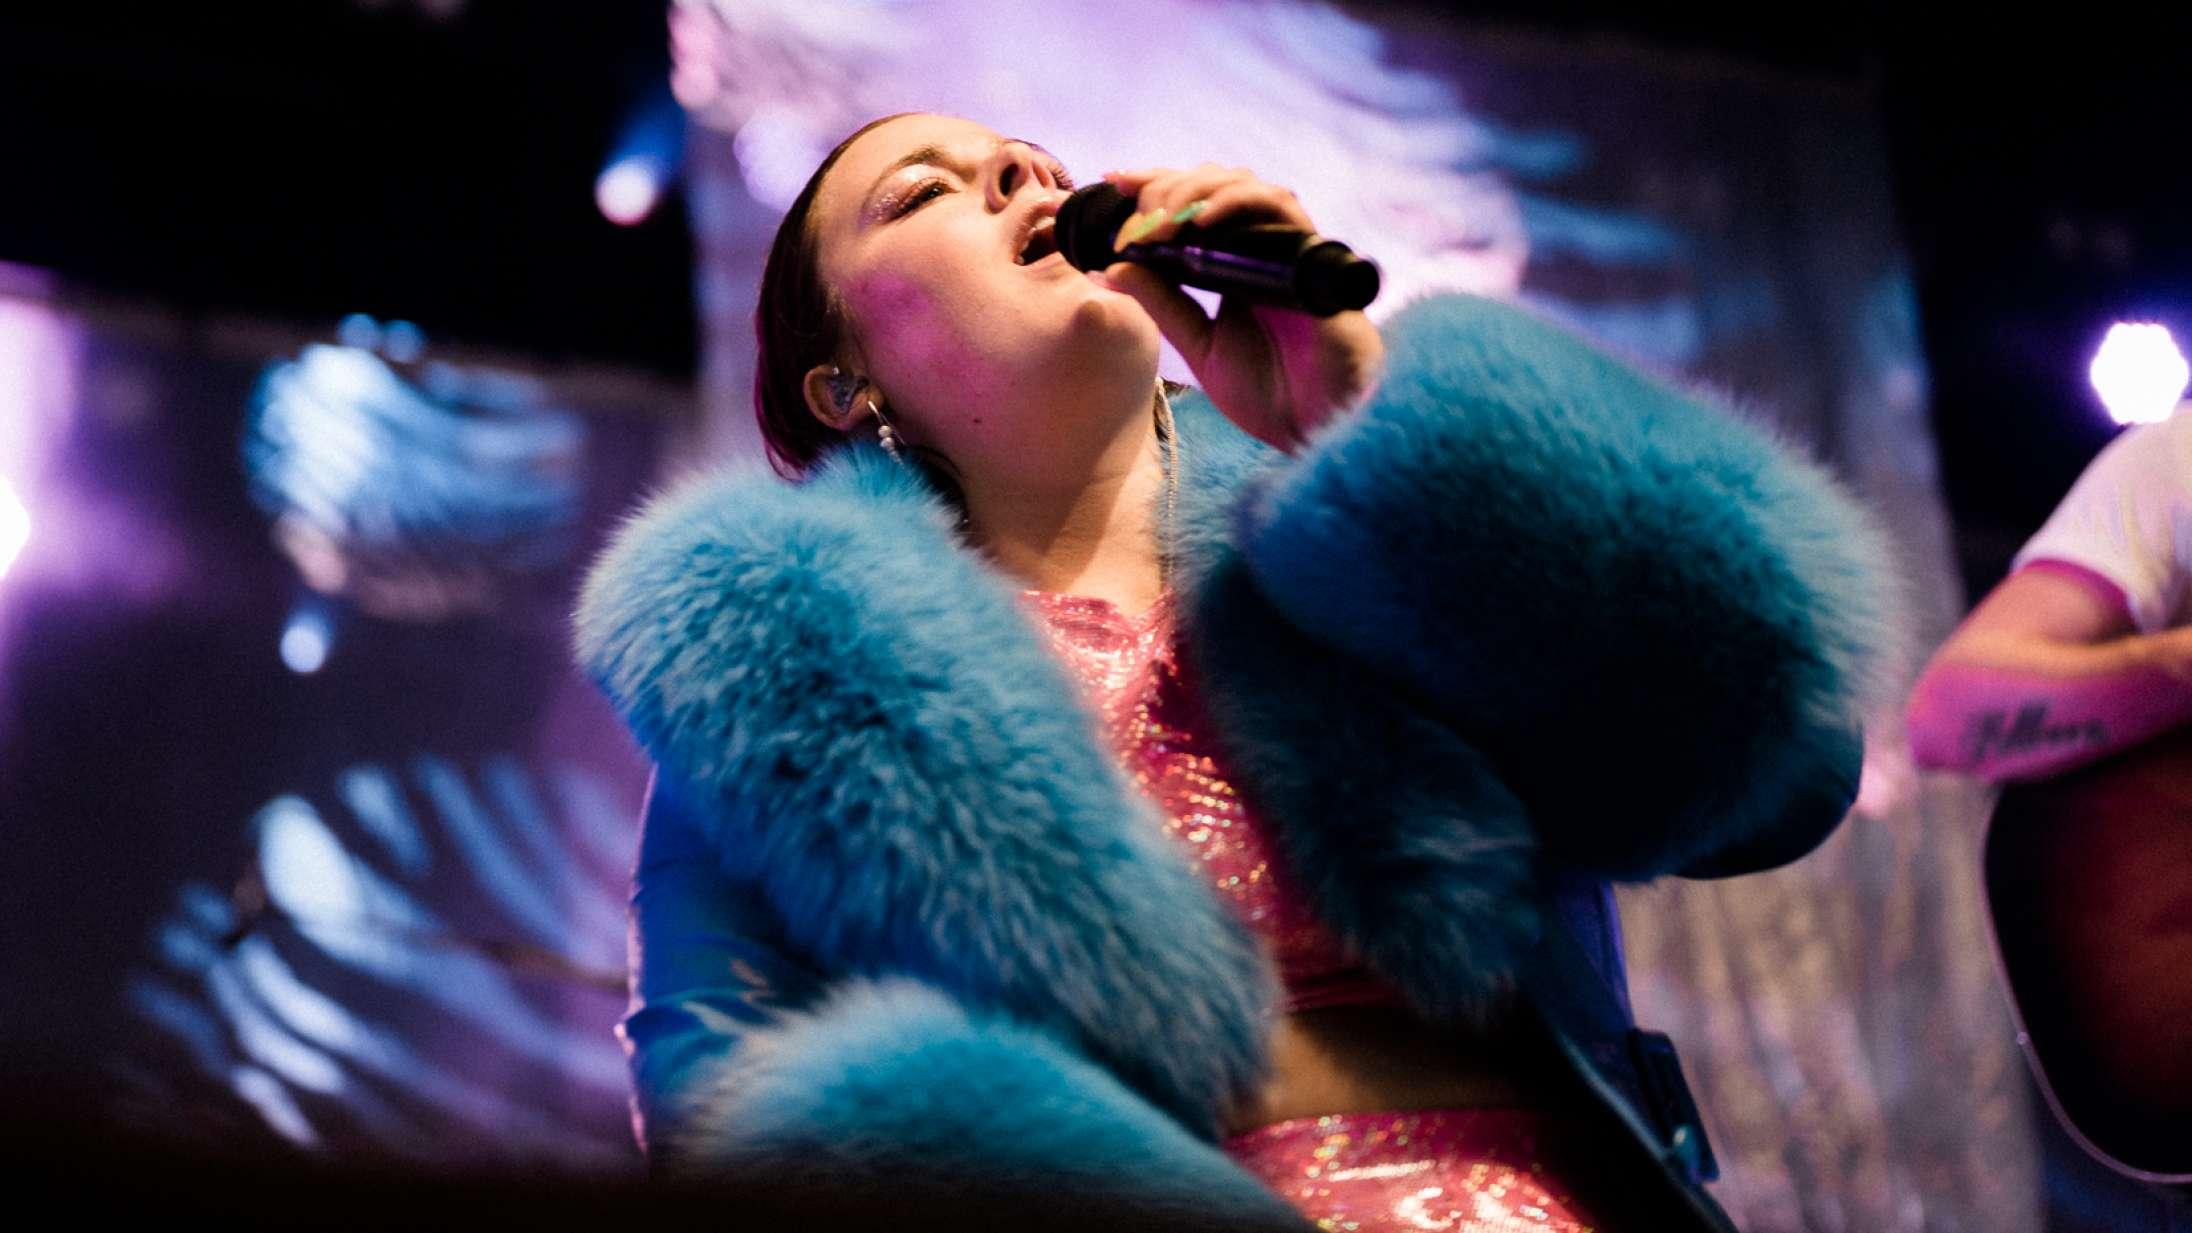 Jada annoncerer (flere) ekstrakoncerter – dansk pophåb annonceret som support til turneen